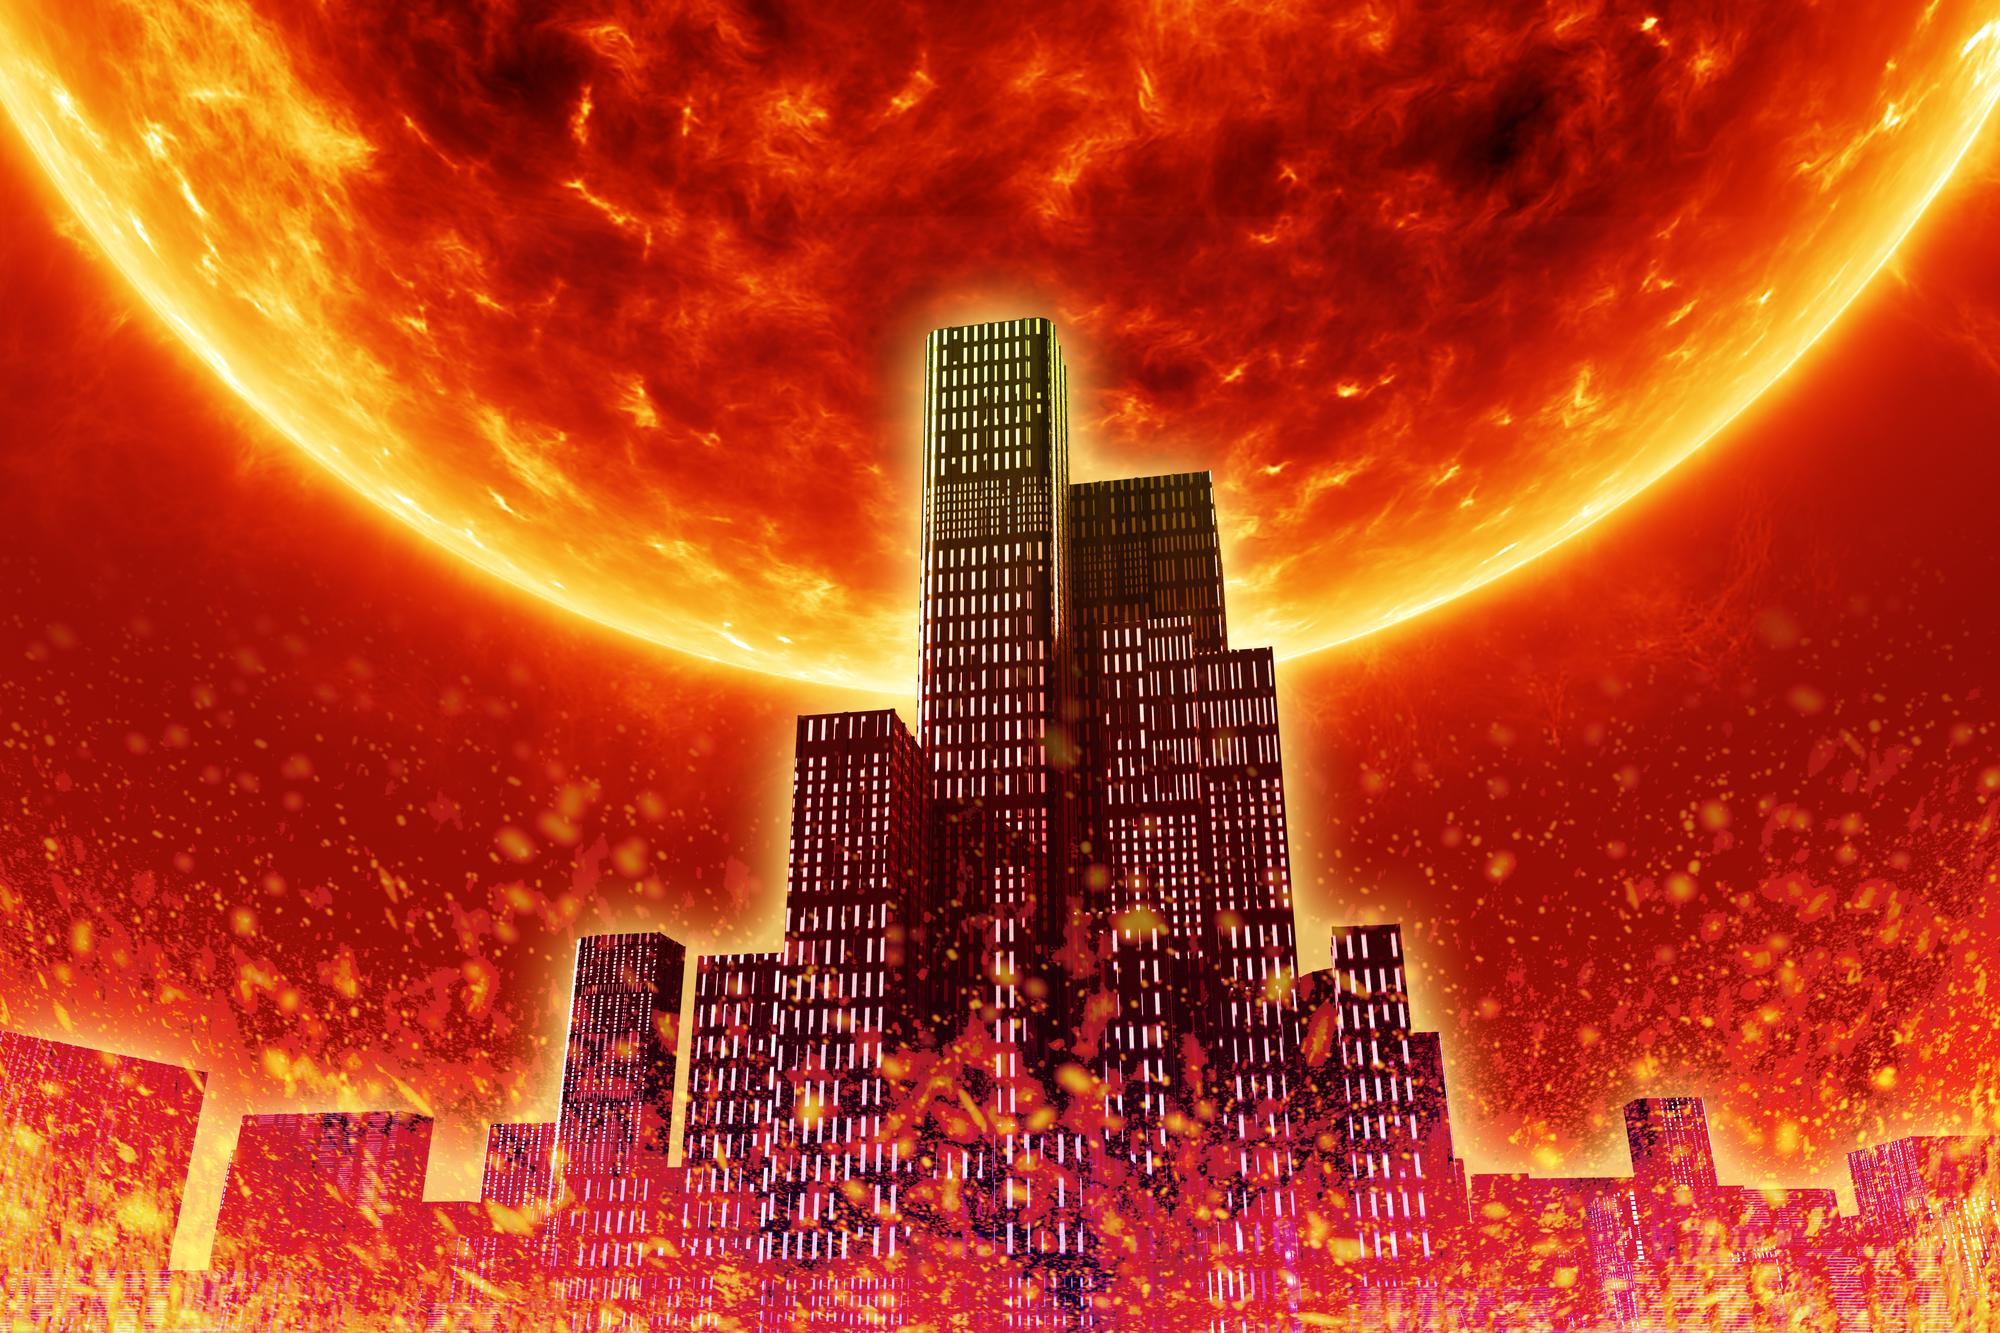 「人間が太陽の火で焼かれる」「大地震で島も山も消える」!?